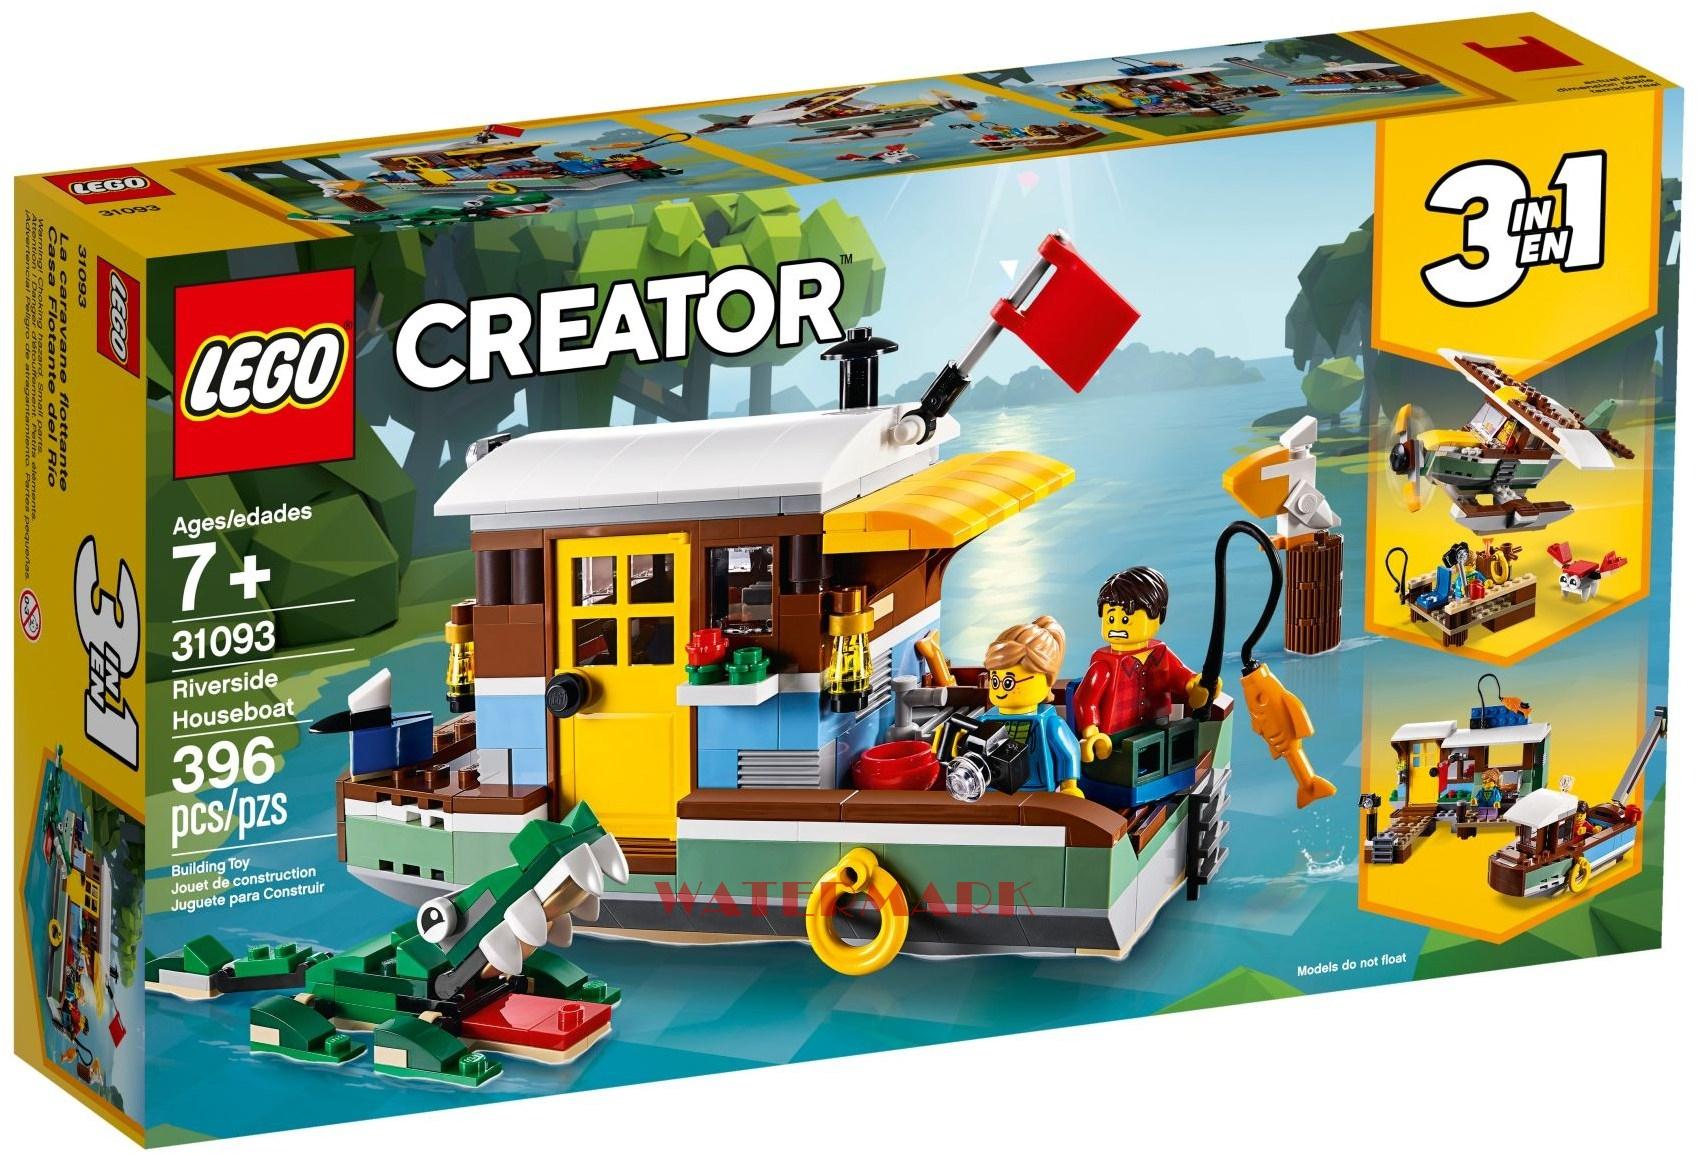 Lego Creator 31093 łódź Mieszkalna